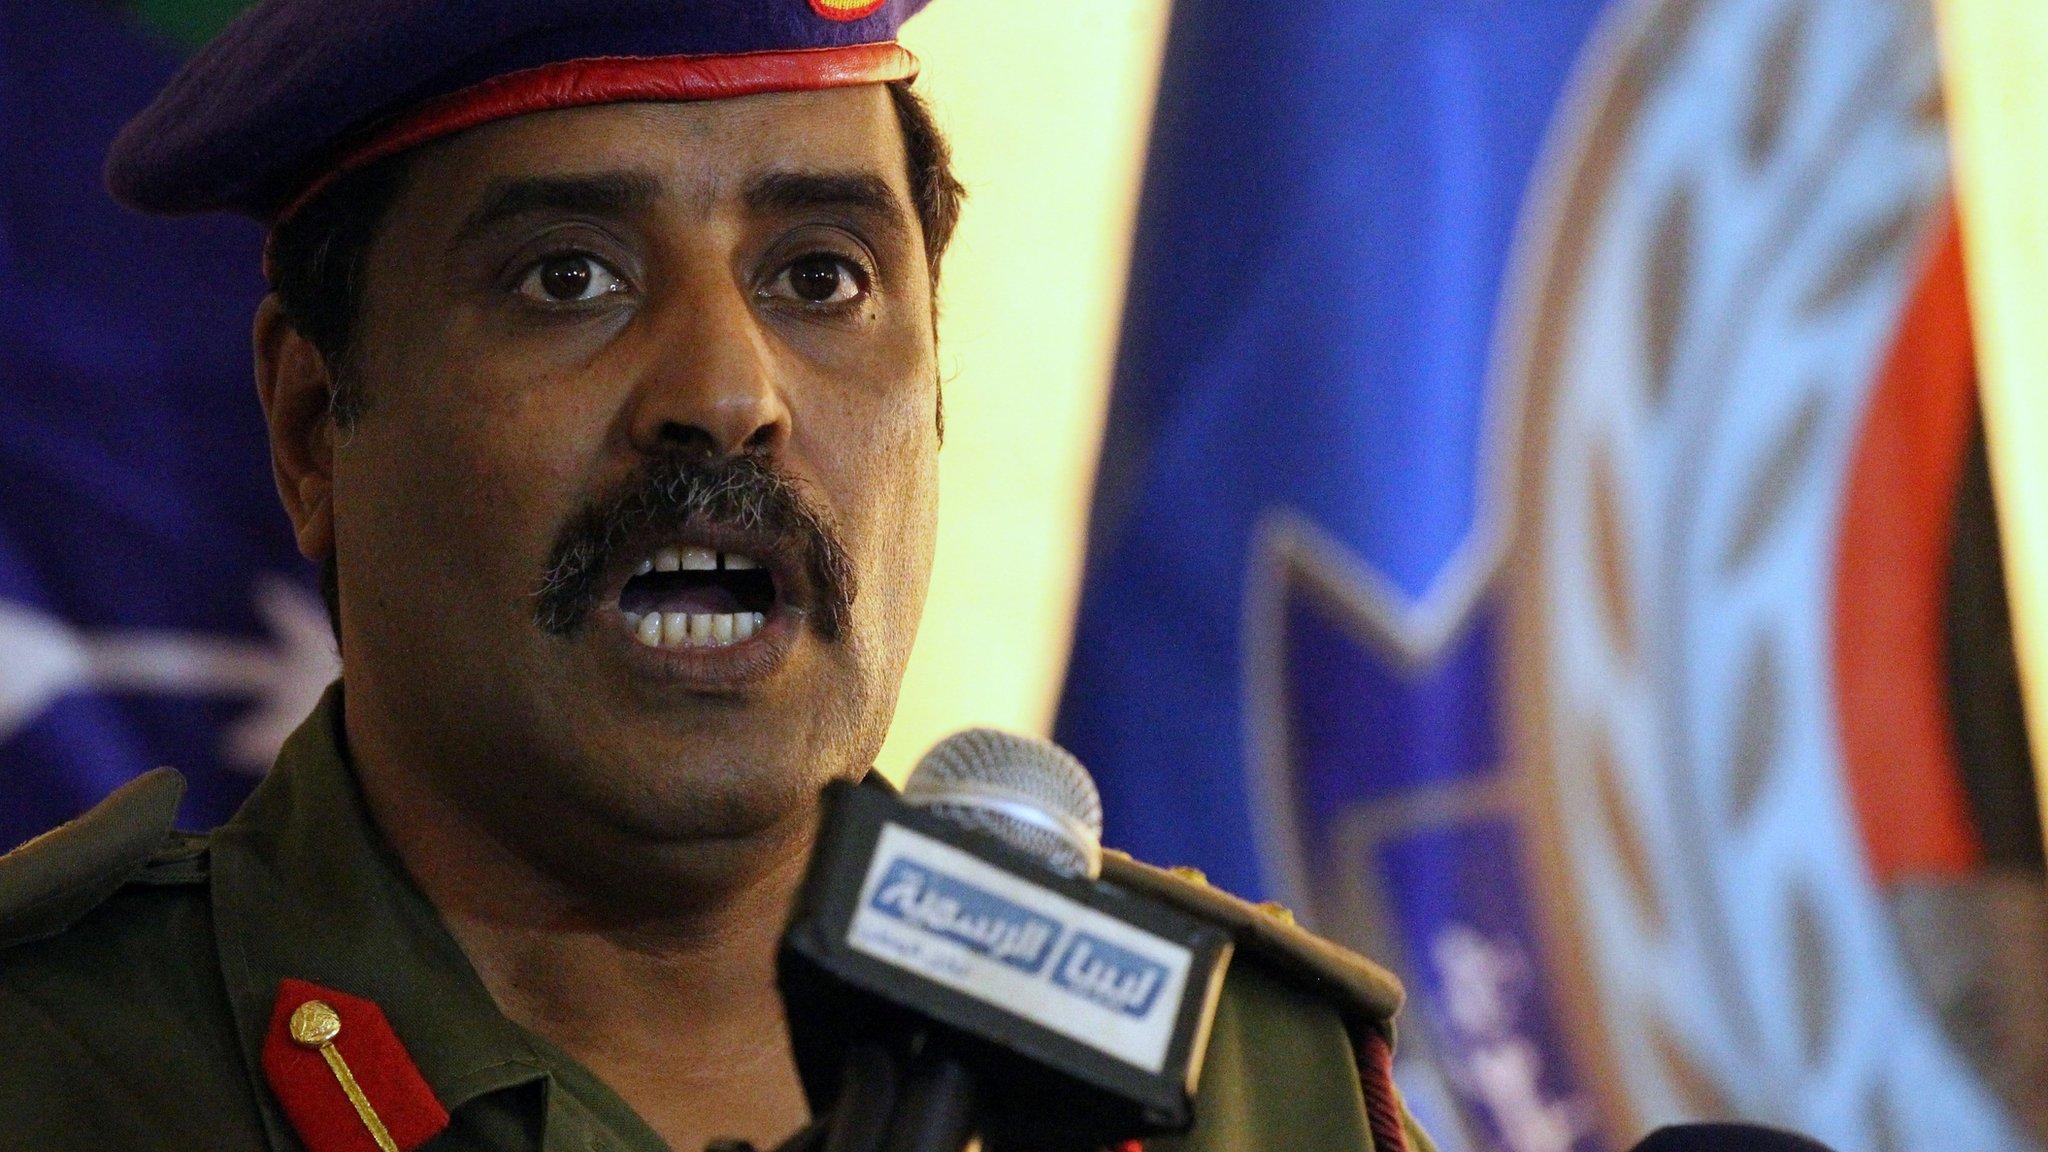 Libye: HRW accuse l'armée nationale de crime de guerre